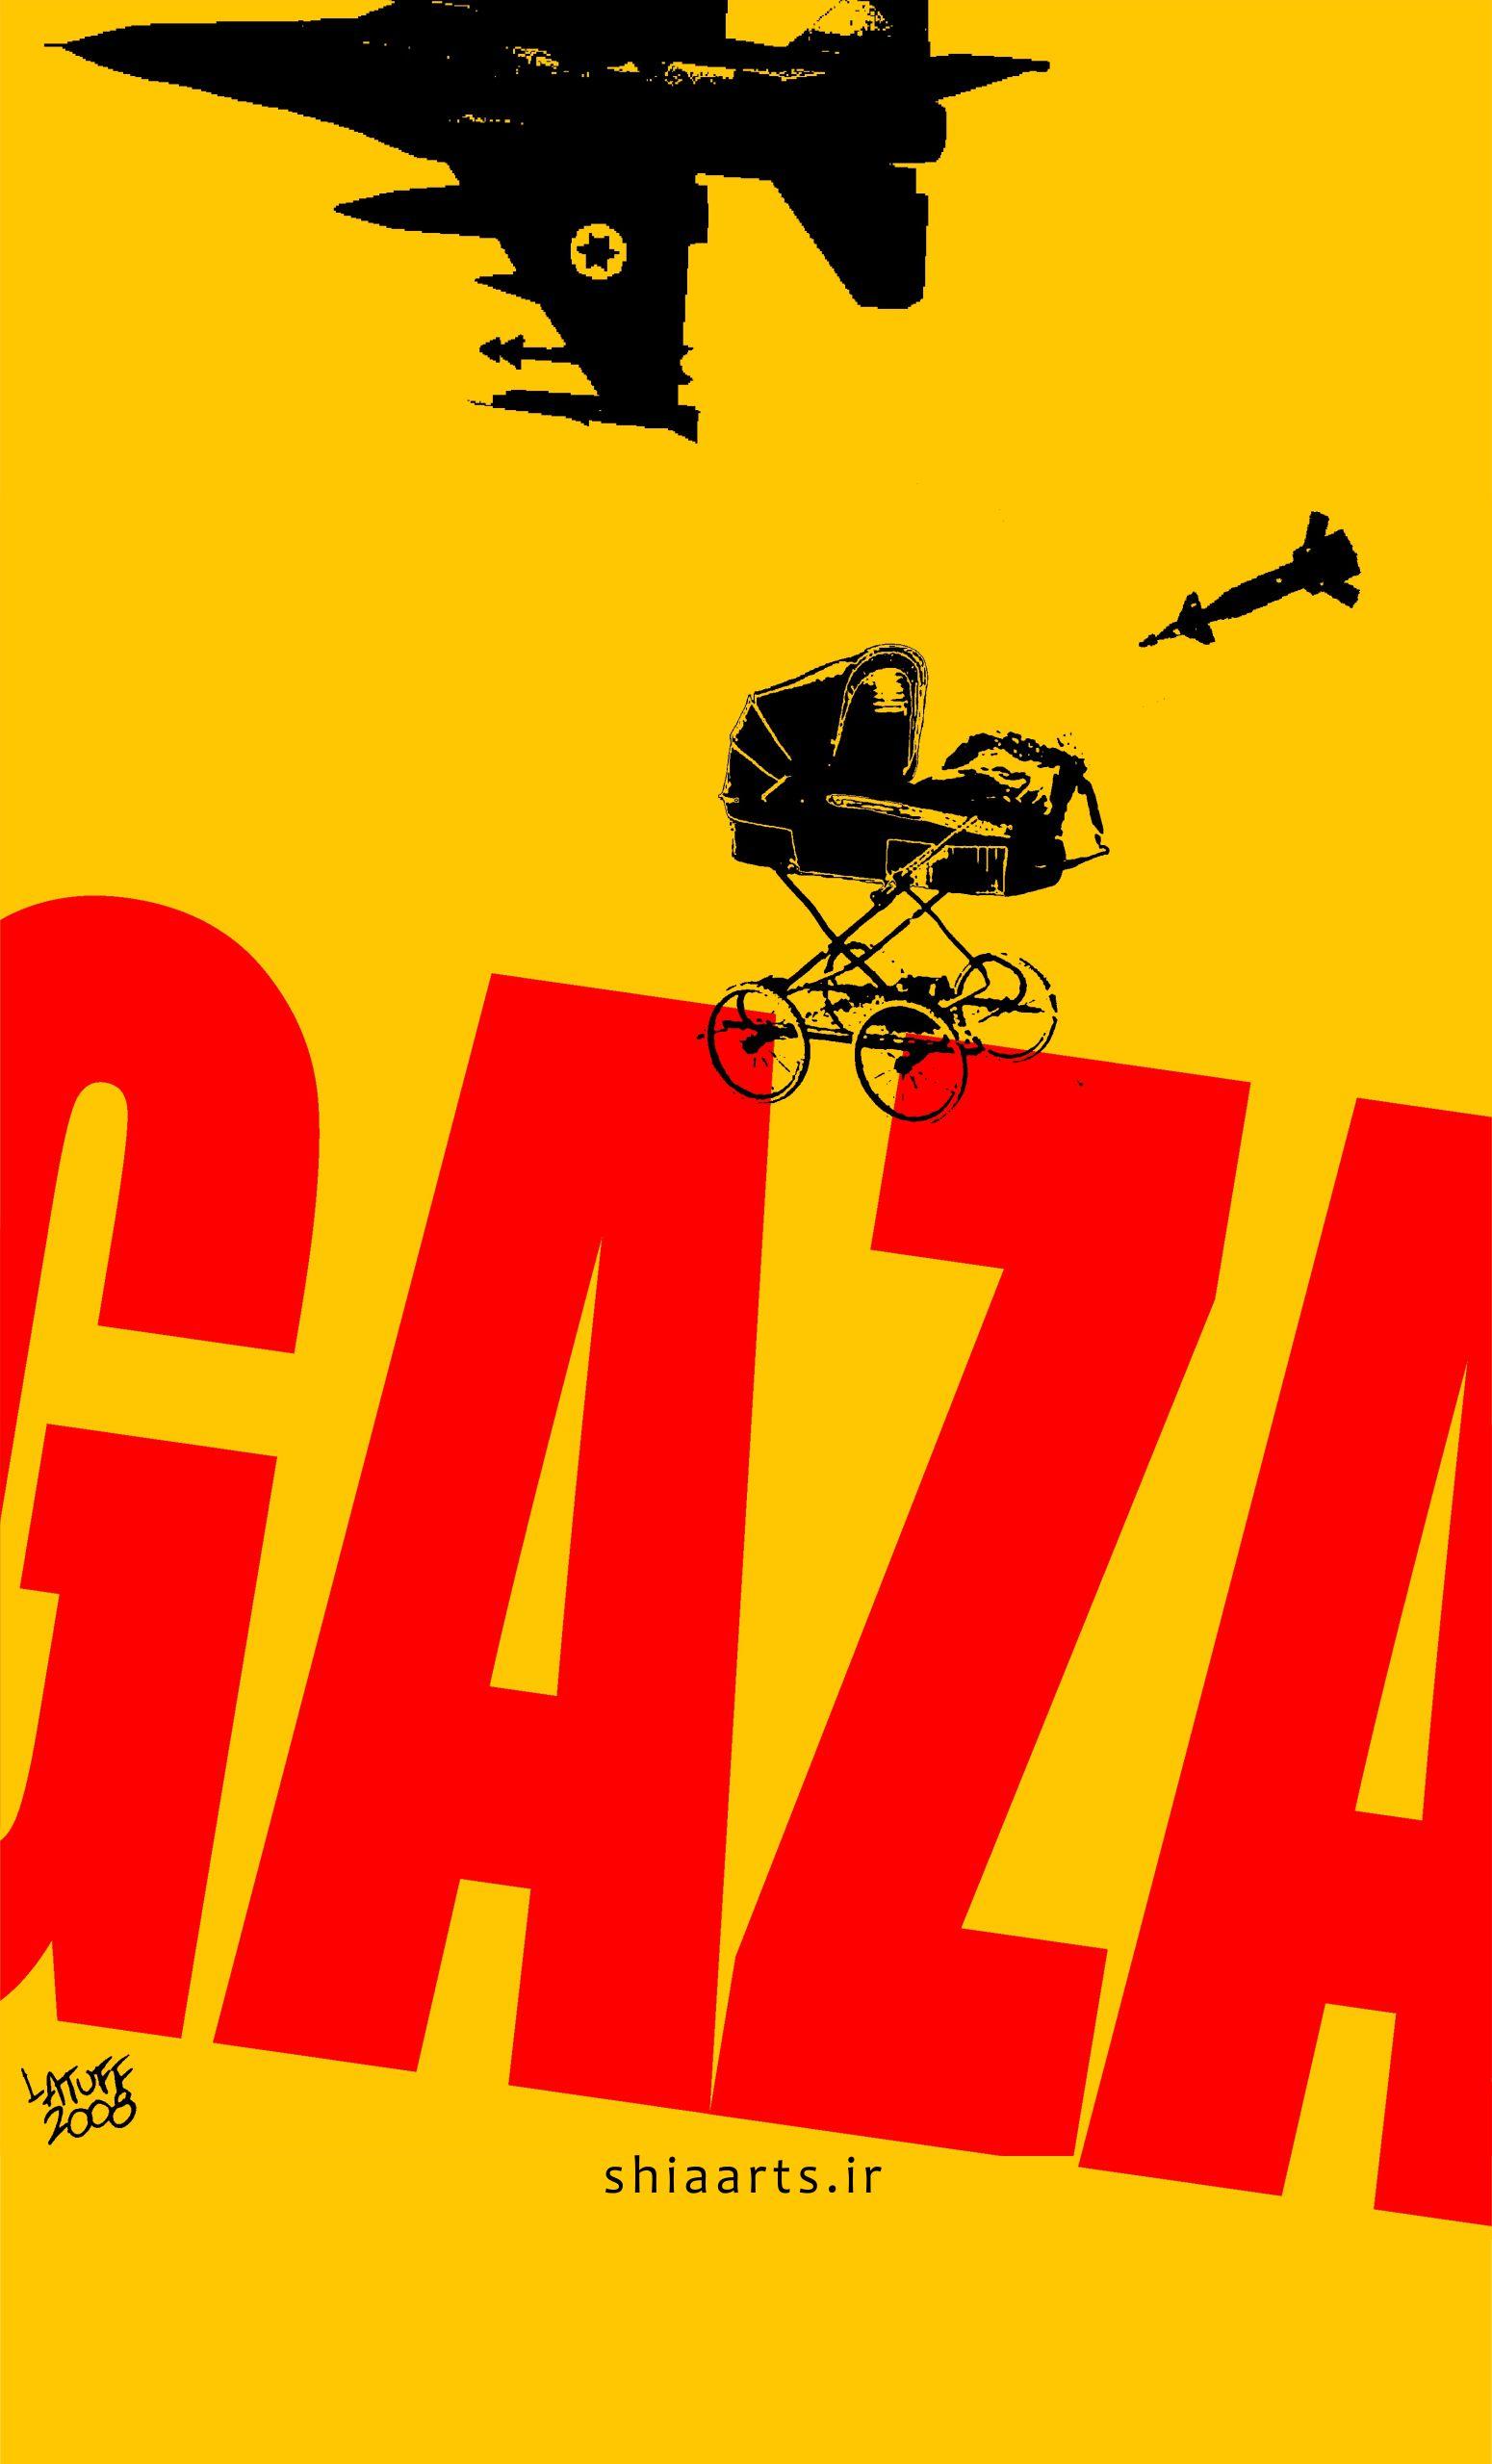 پوستر فلسطین روز قدس